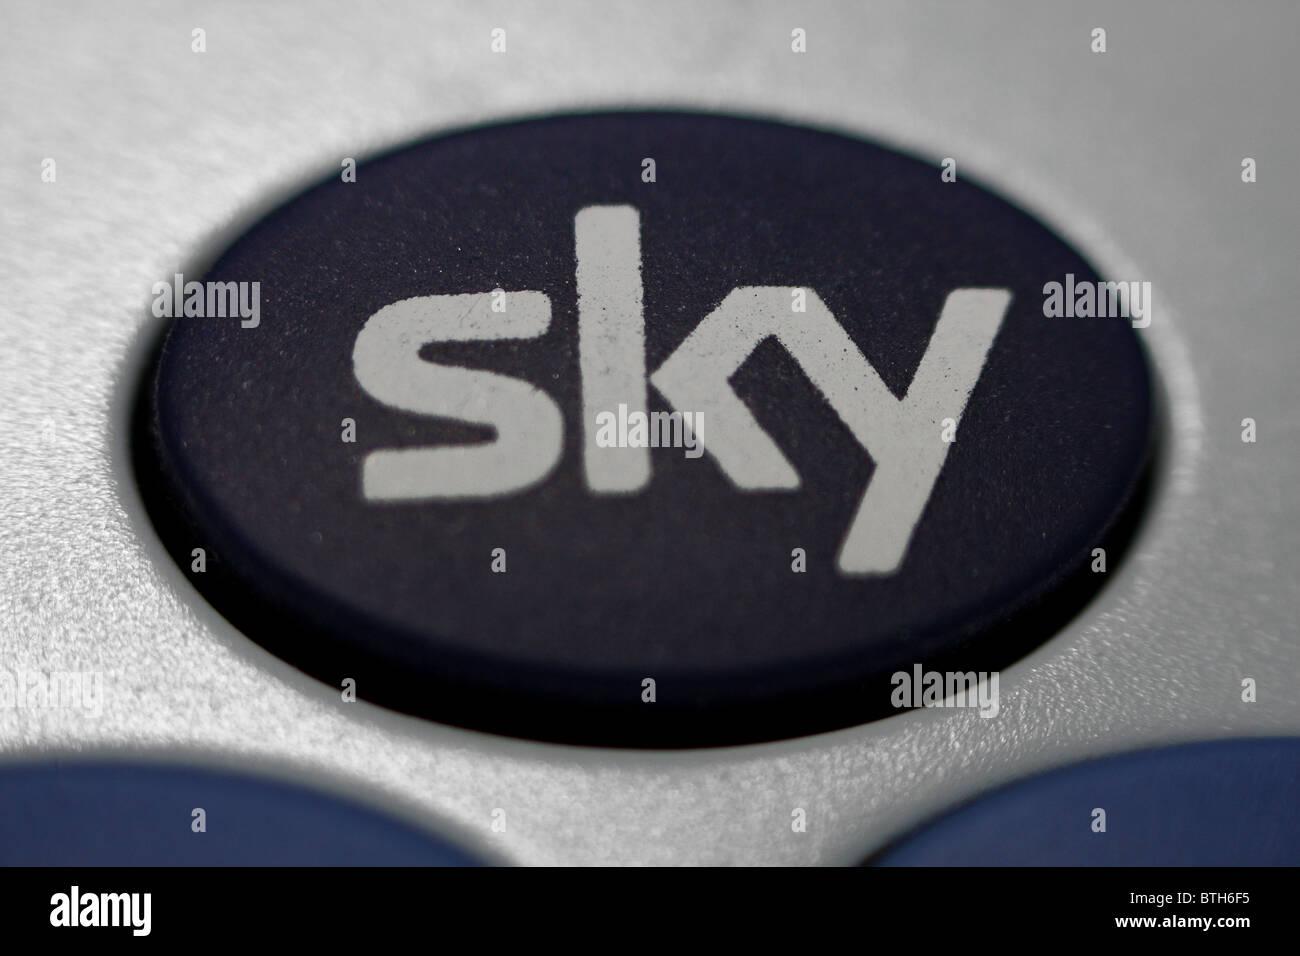 Sky Tv Stock Photos Amp Sky Tv Stock Images Alamy